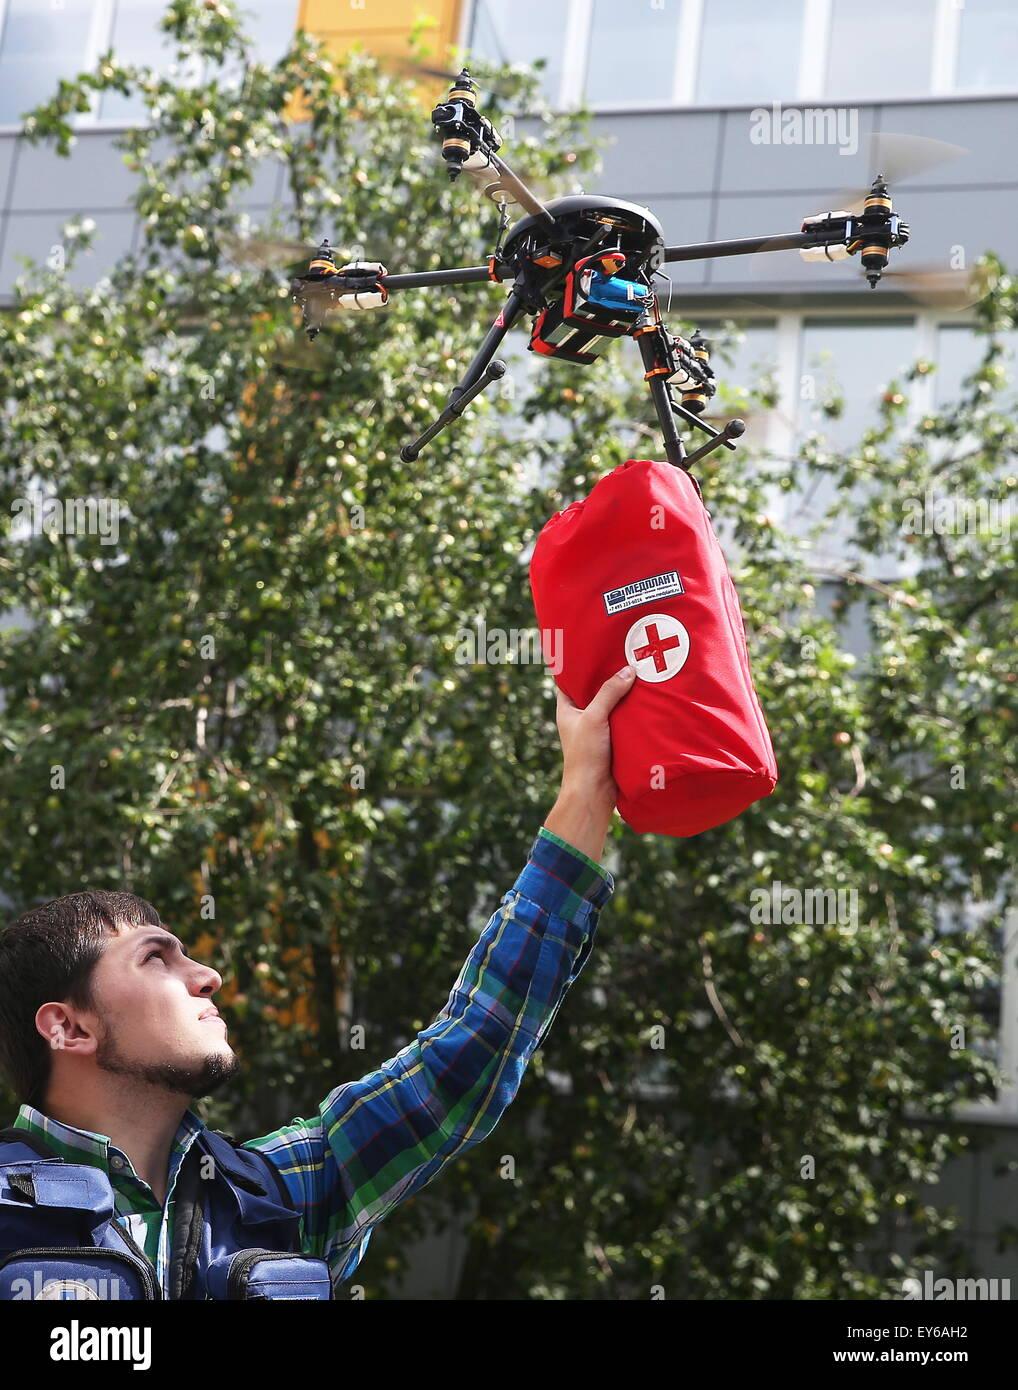 Moscú, Rusia. El 22 de julio de 2015. Un hombre joven con un vehículo aéreo no tripulado (drone aviones) Imagen De Stock